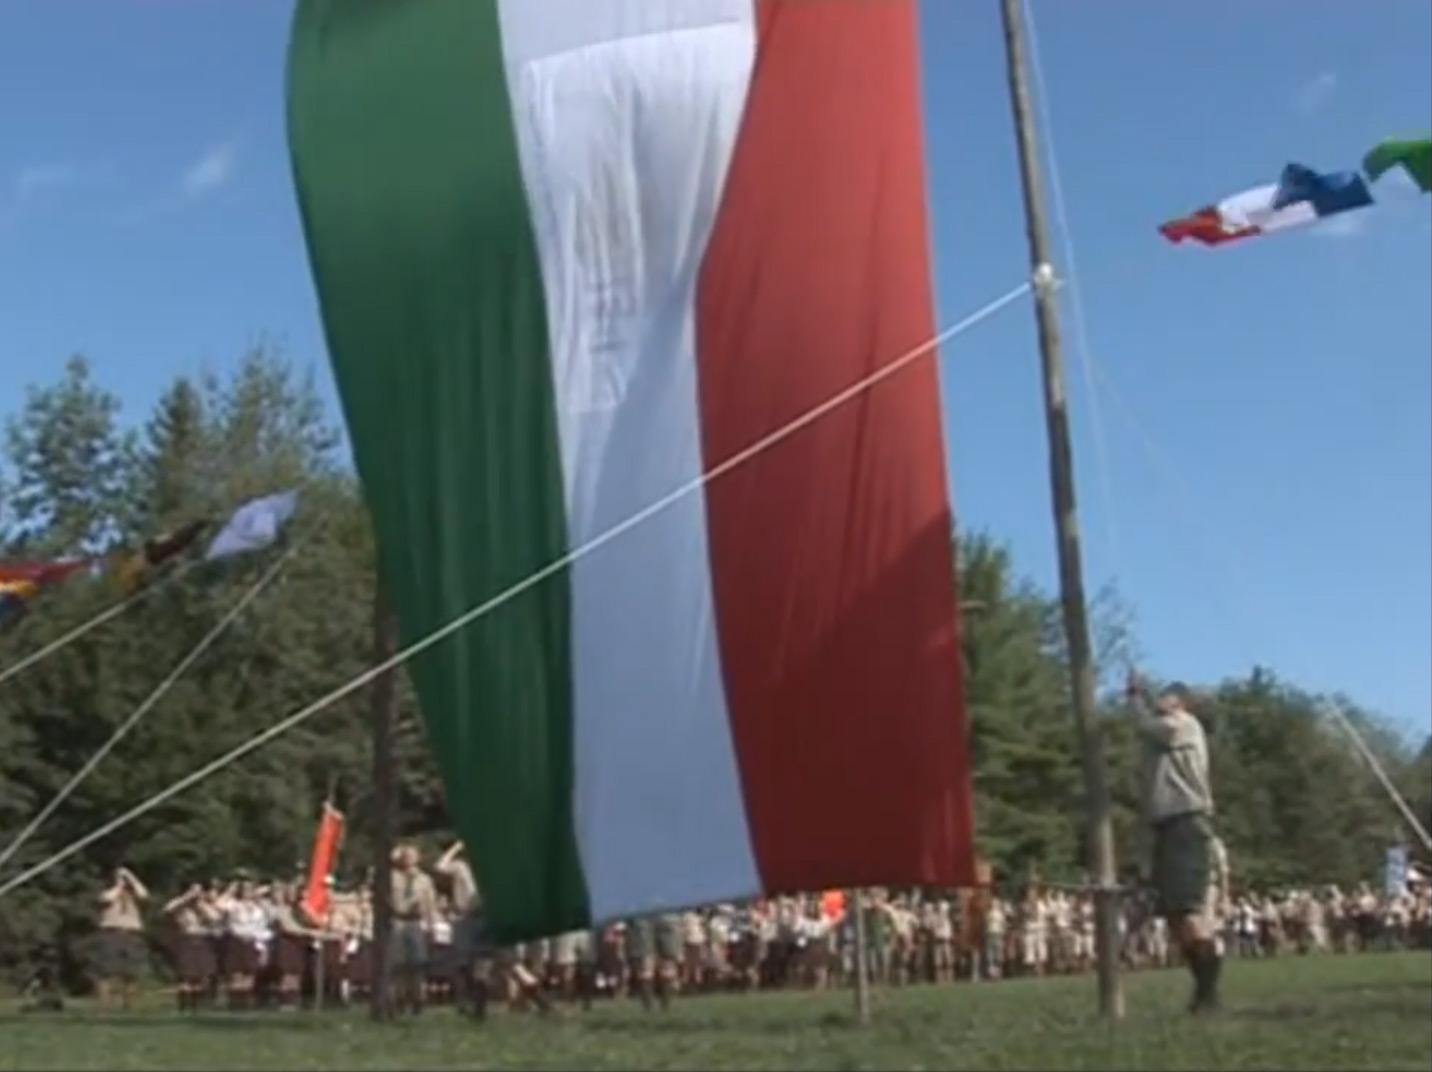 Jubileumi cserkésztábor Amerikában 2010